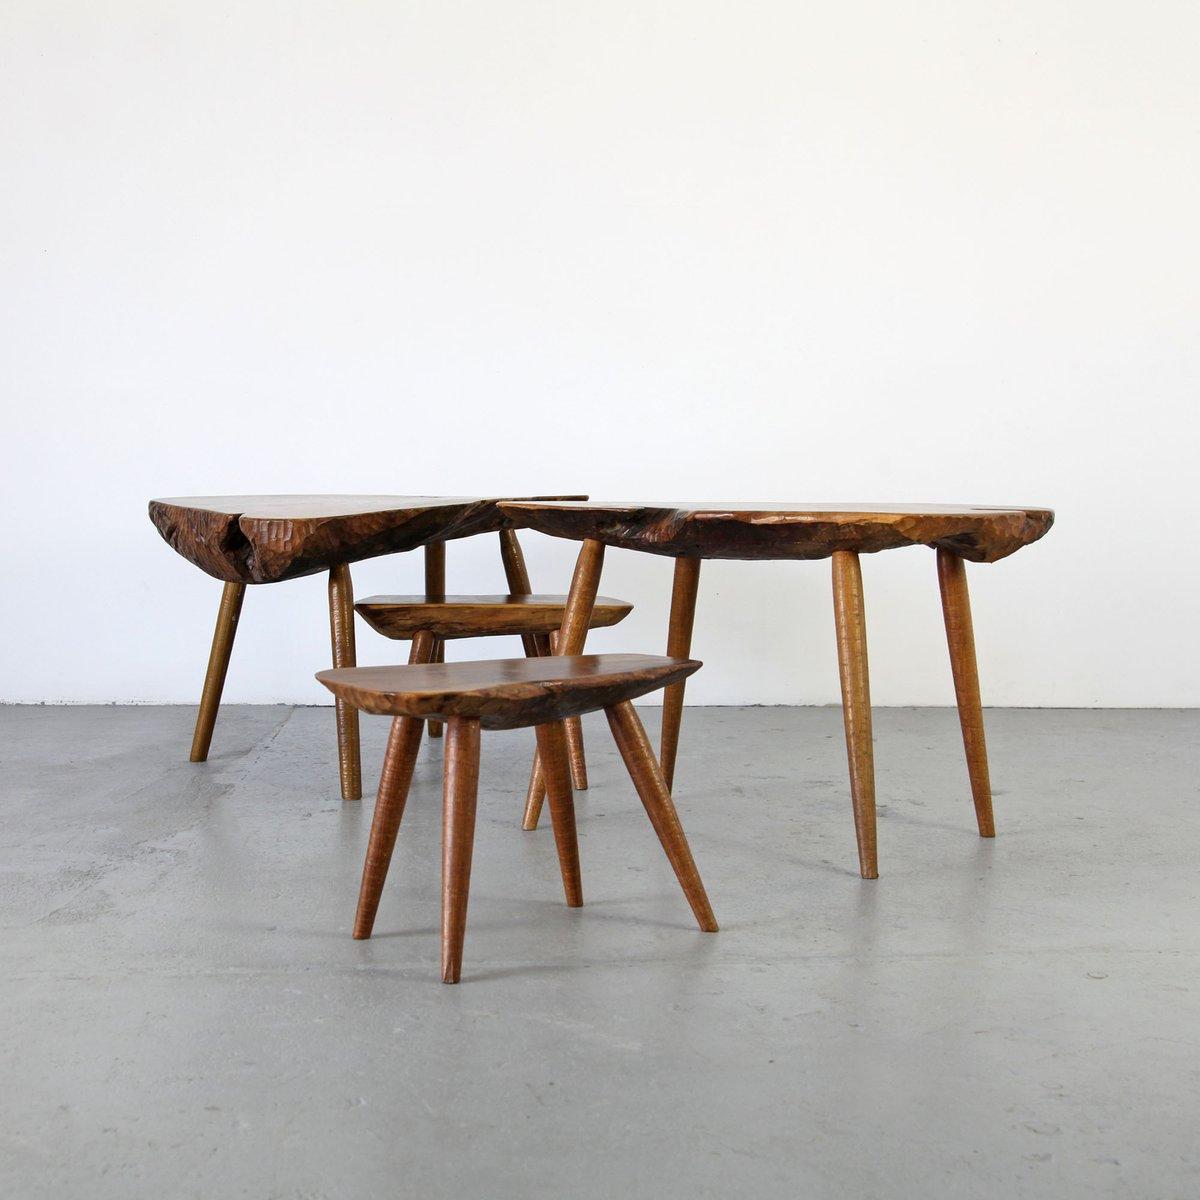 tables d 39 appoint en tronc d 39 arbre fait main 1960s set de 4 en vente sur pamono. Black Bedroom Furniture Sets. Home Design Ideas